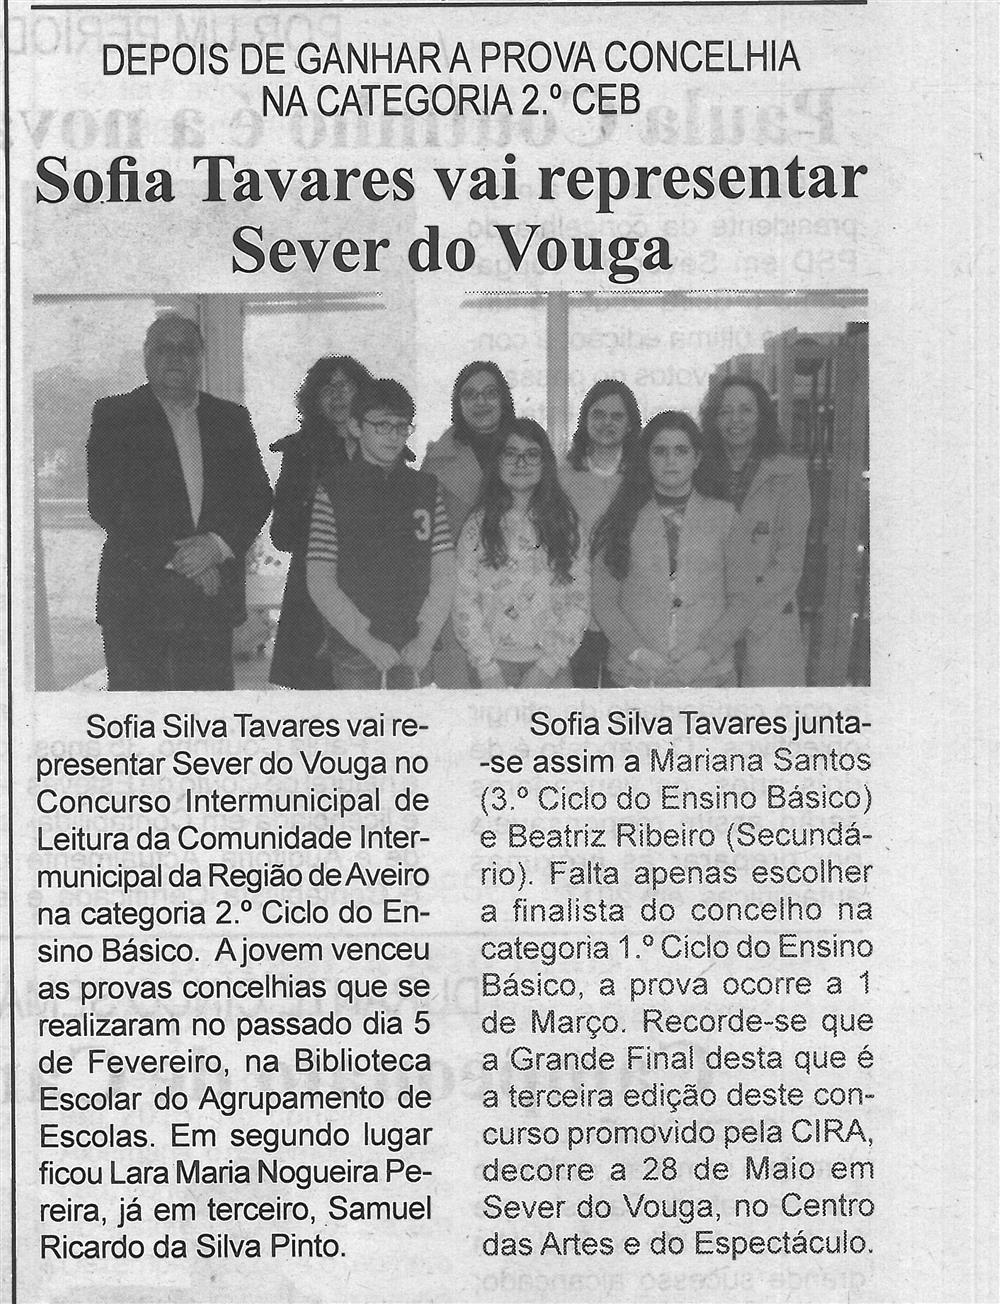 BV-2.ªfev.'16-p.5-Sofia Tavares vai representar Sever do Vouga : depois de ganhar a prova concelhia na categoria 2.º CEB.jpg